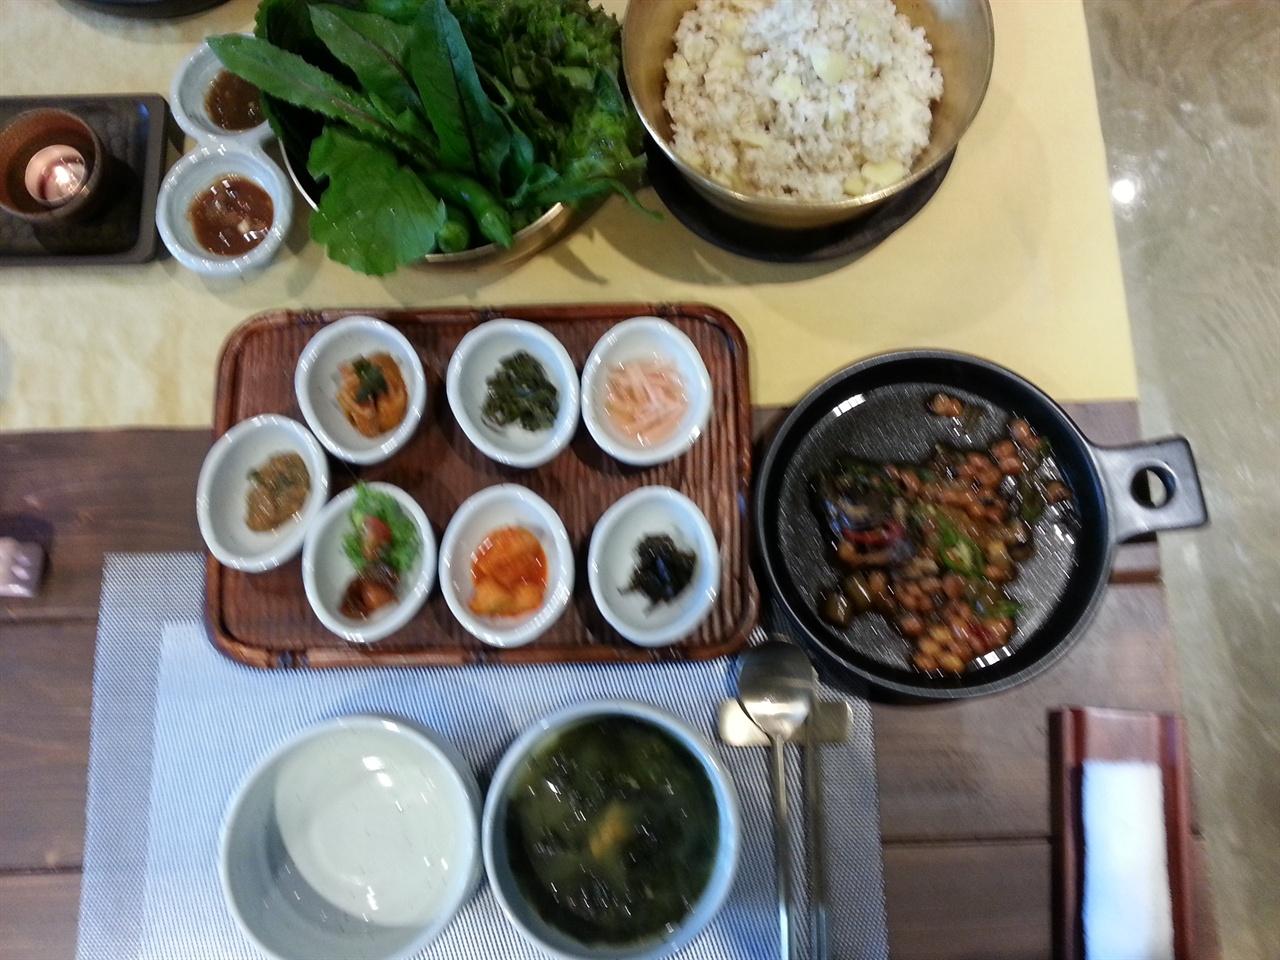 제주 낭푼밥상, 본상 차림